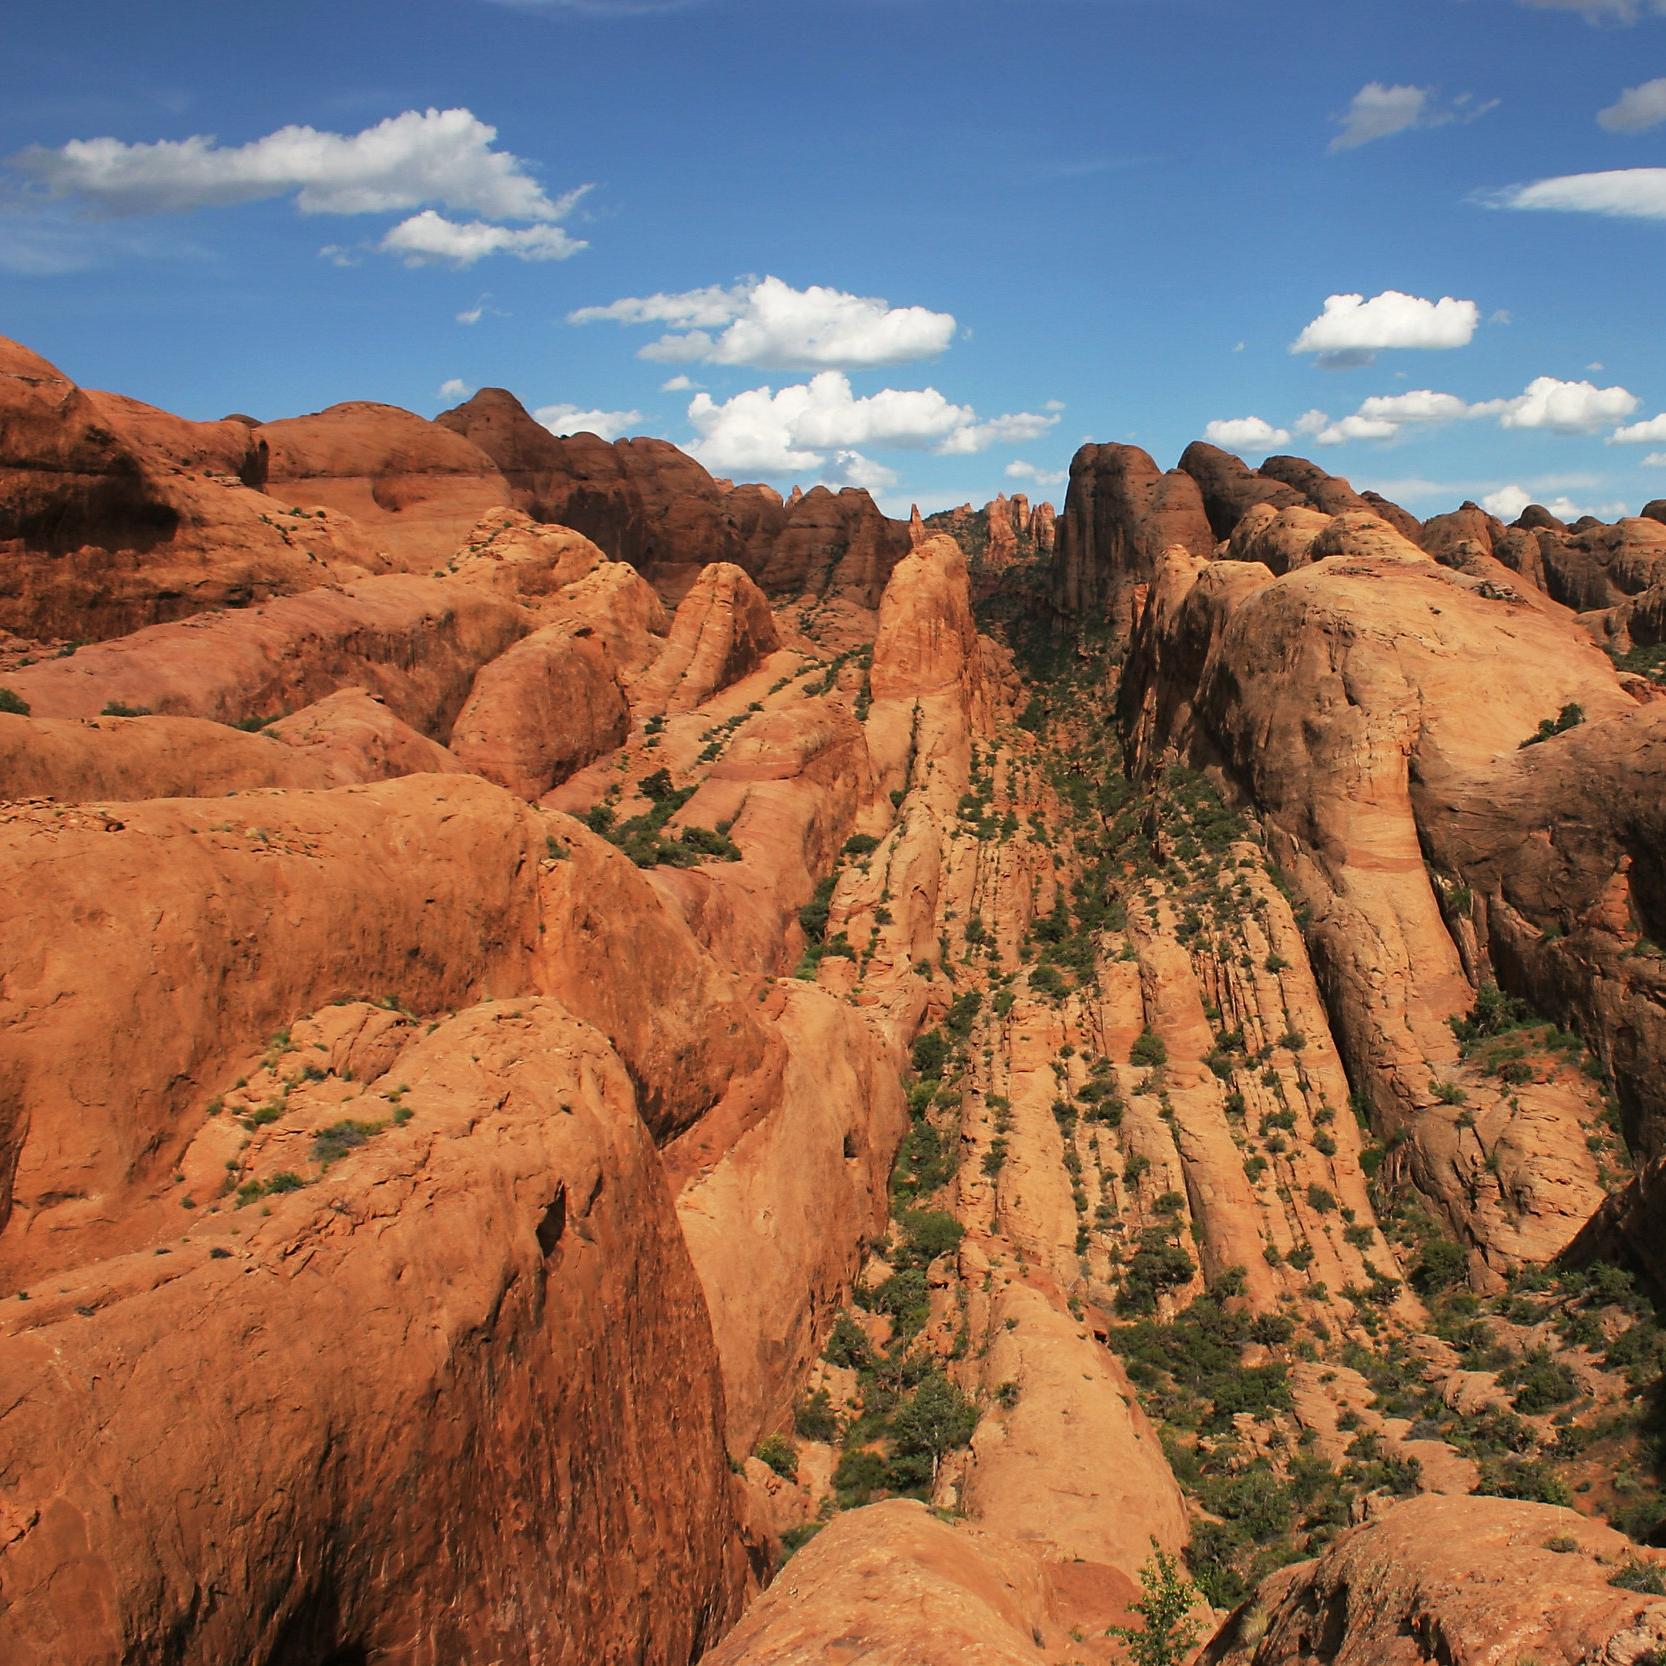 IMG_9061 - behind the rocks.jpg